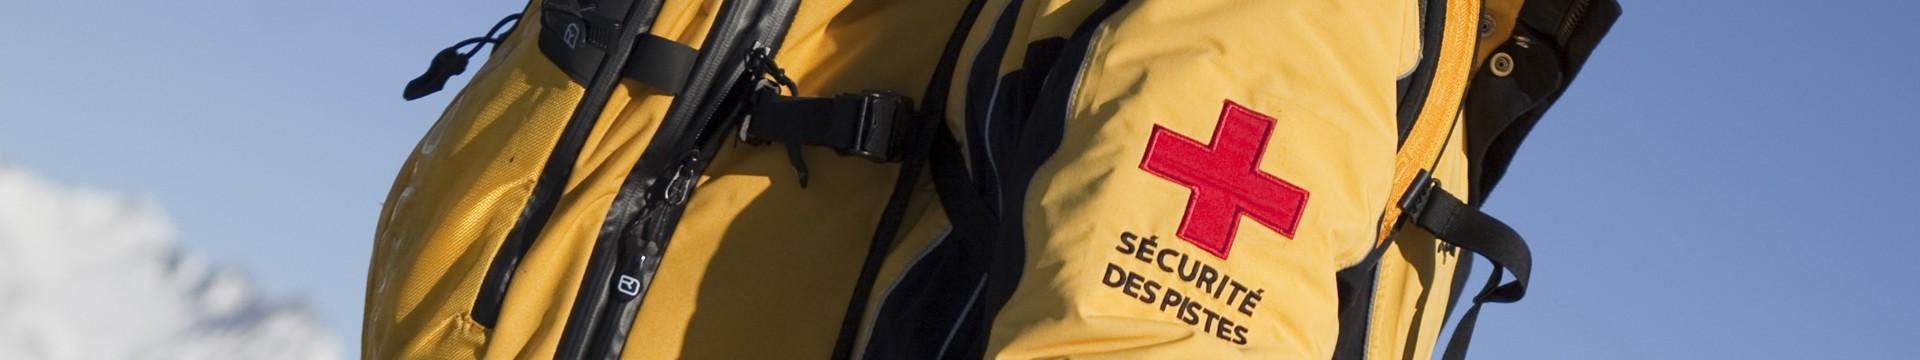 securite-01-9107